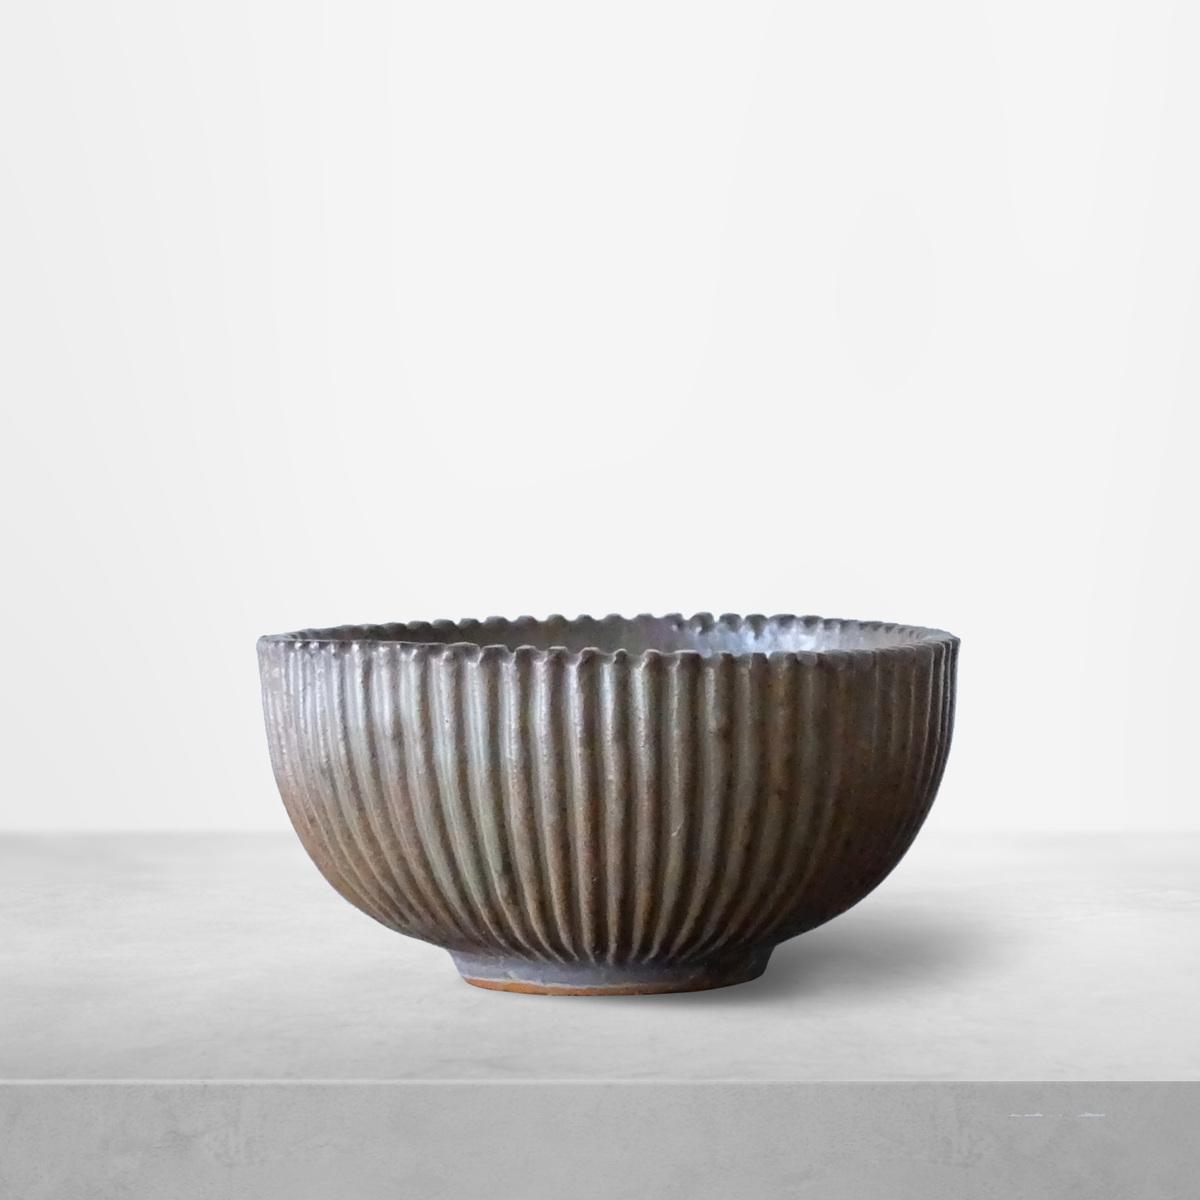 Arne Bang for Royal Copenhagen, Ribbed Ceramic Bowl Model 118, 1940s